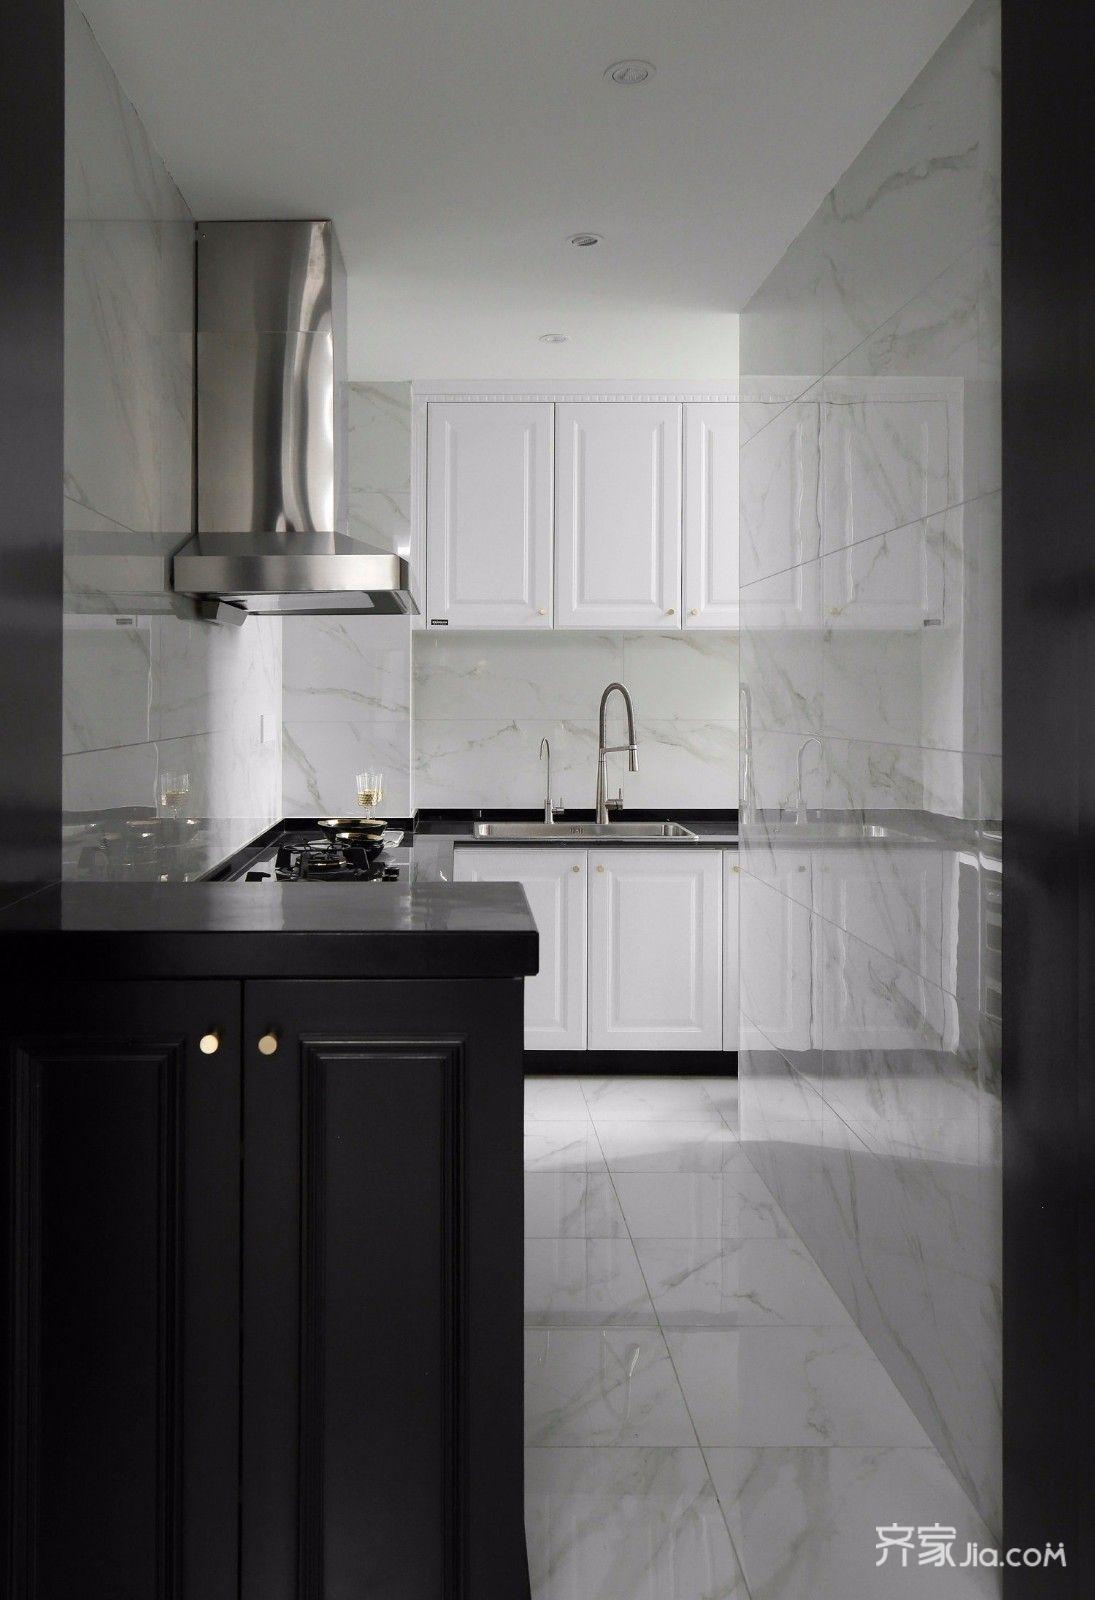 现代轻奢黑白经典风厨房装修效果图